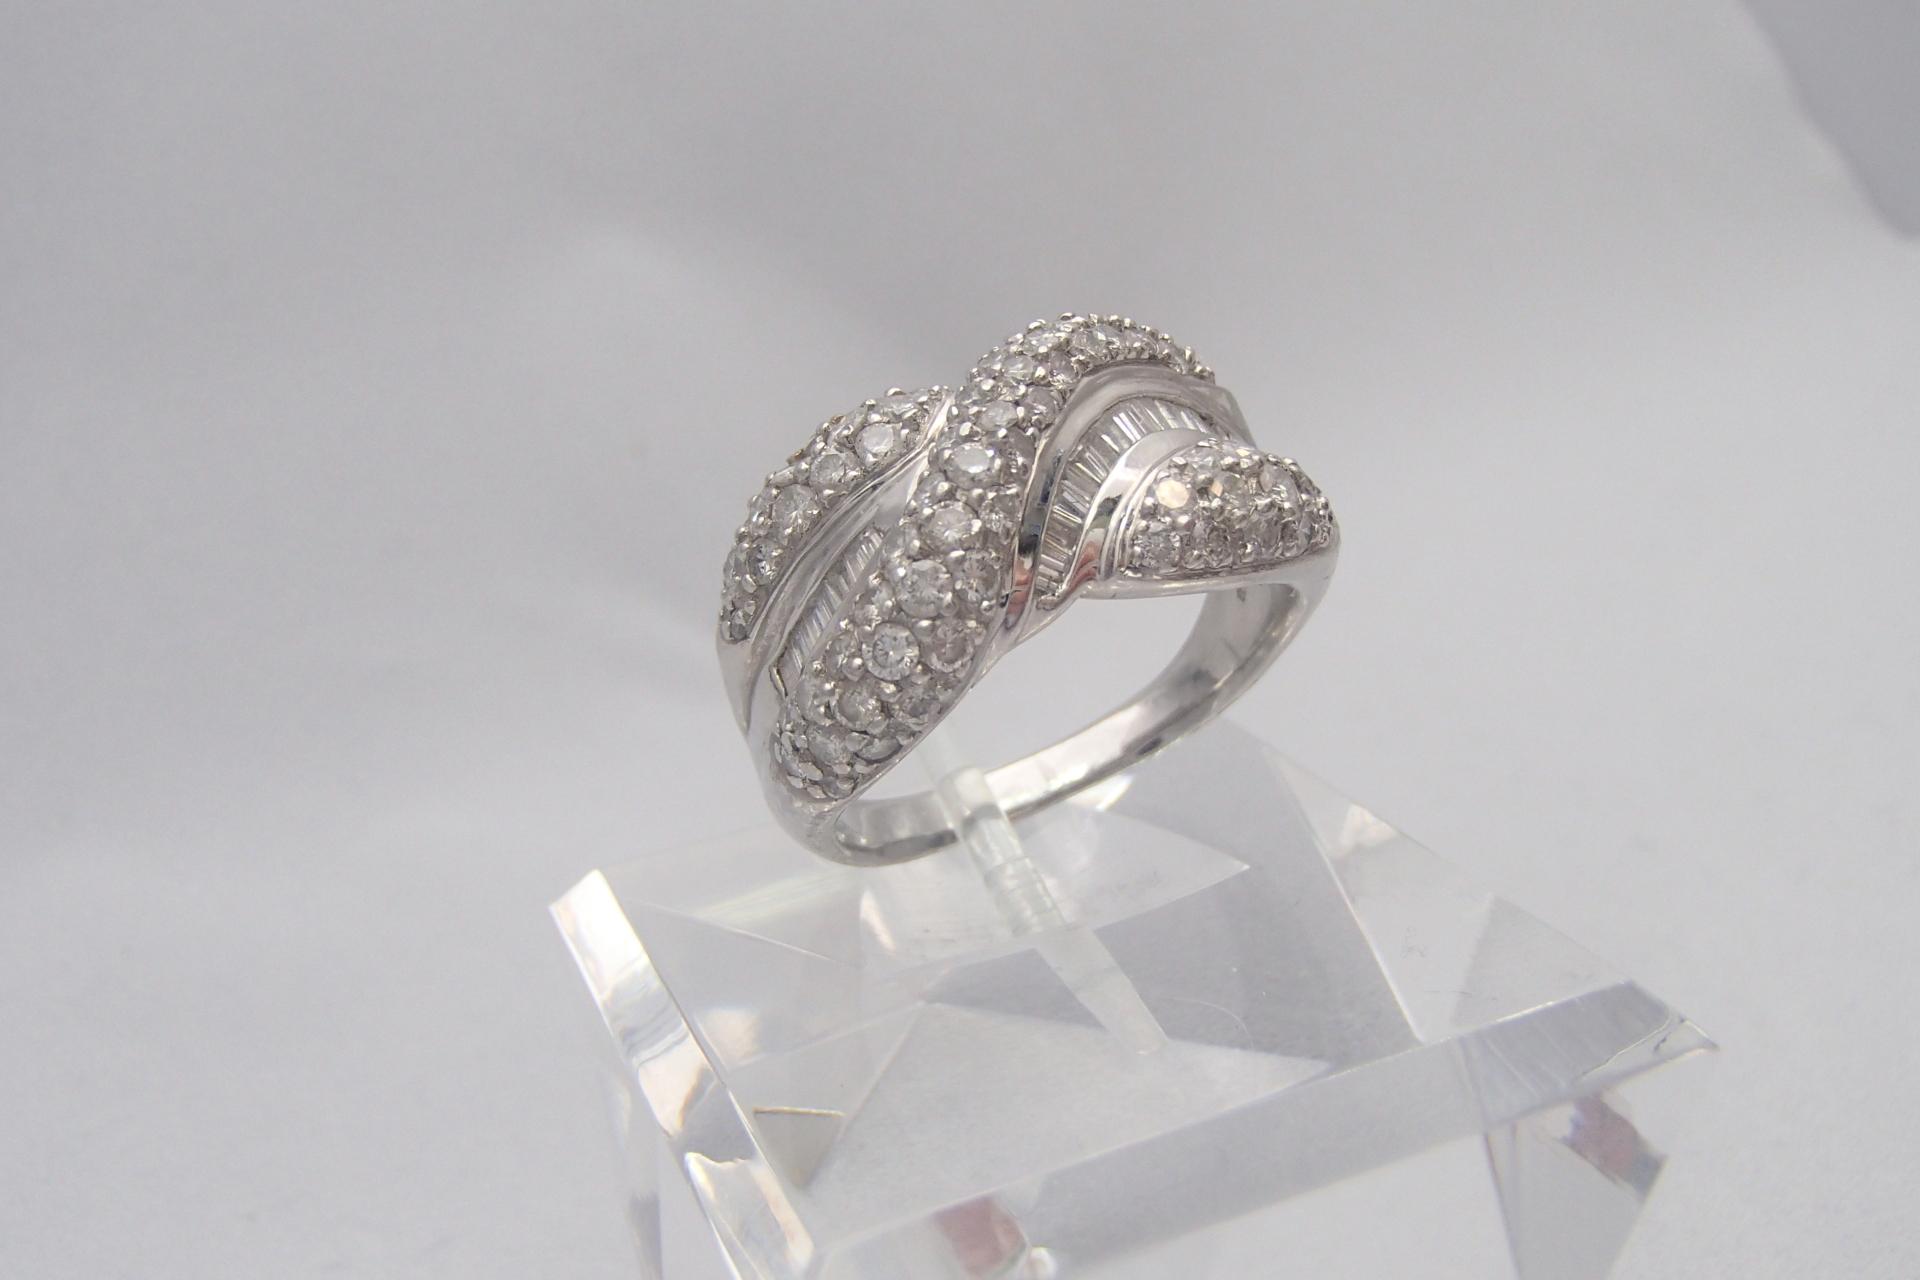 1カラットのダイヤモンドが素敵!お値段はどのくらい?